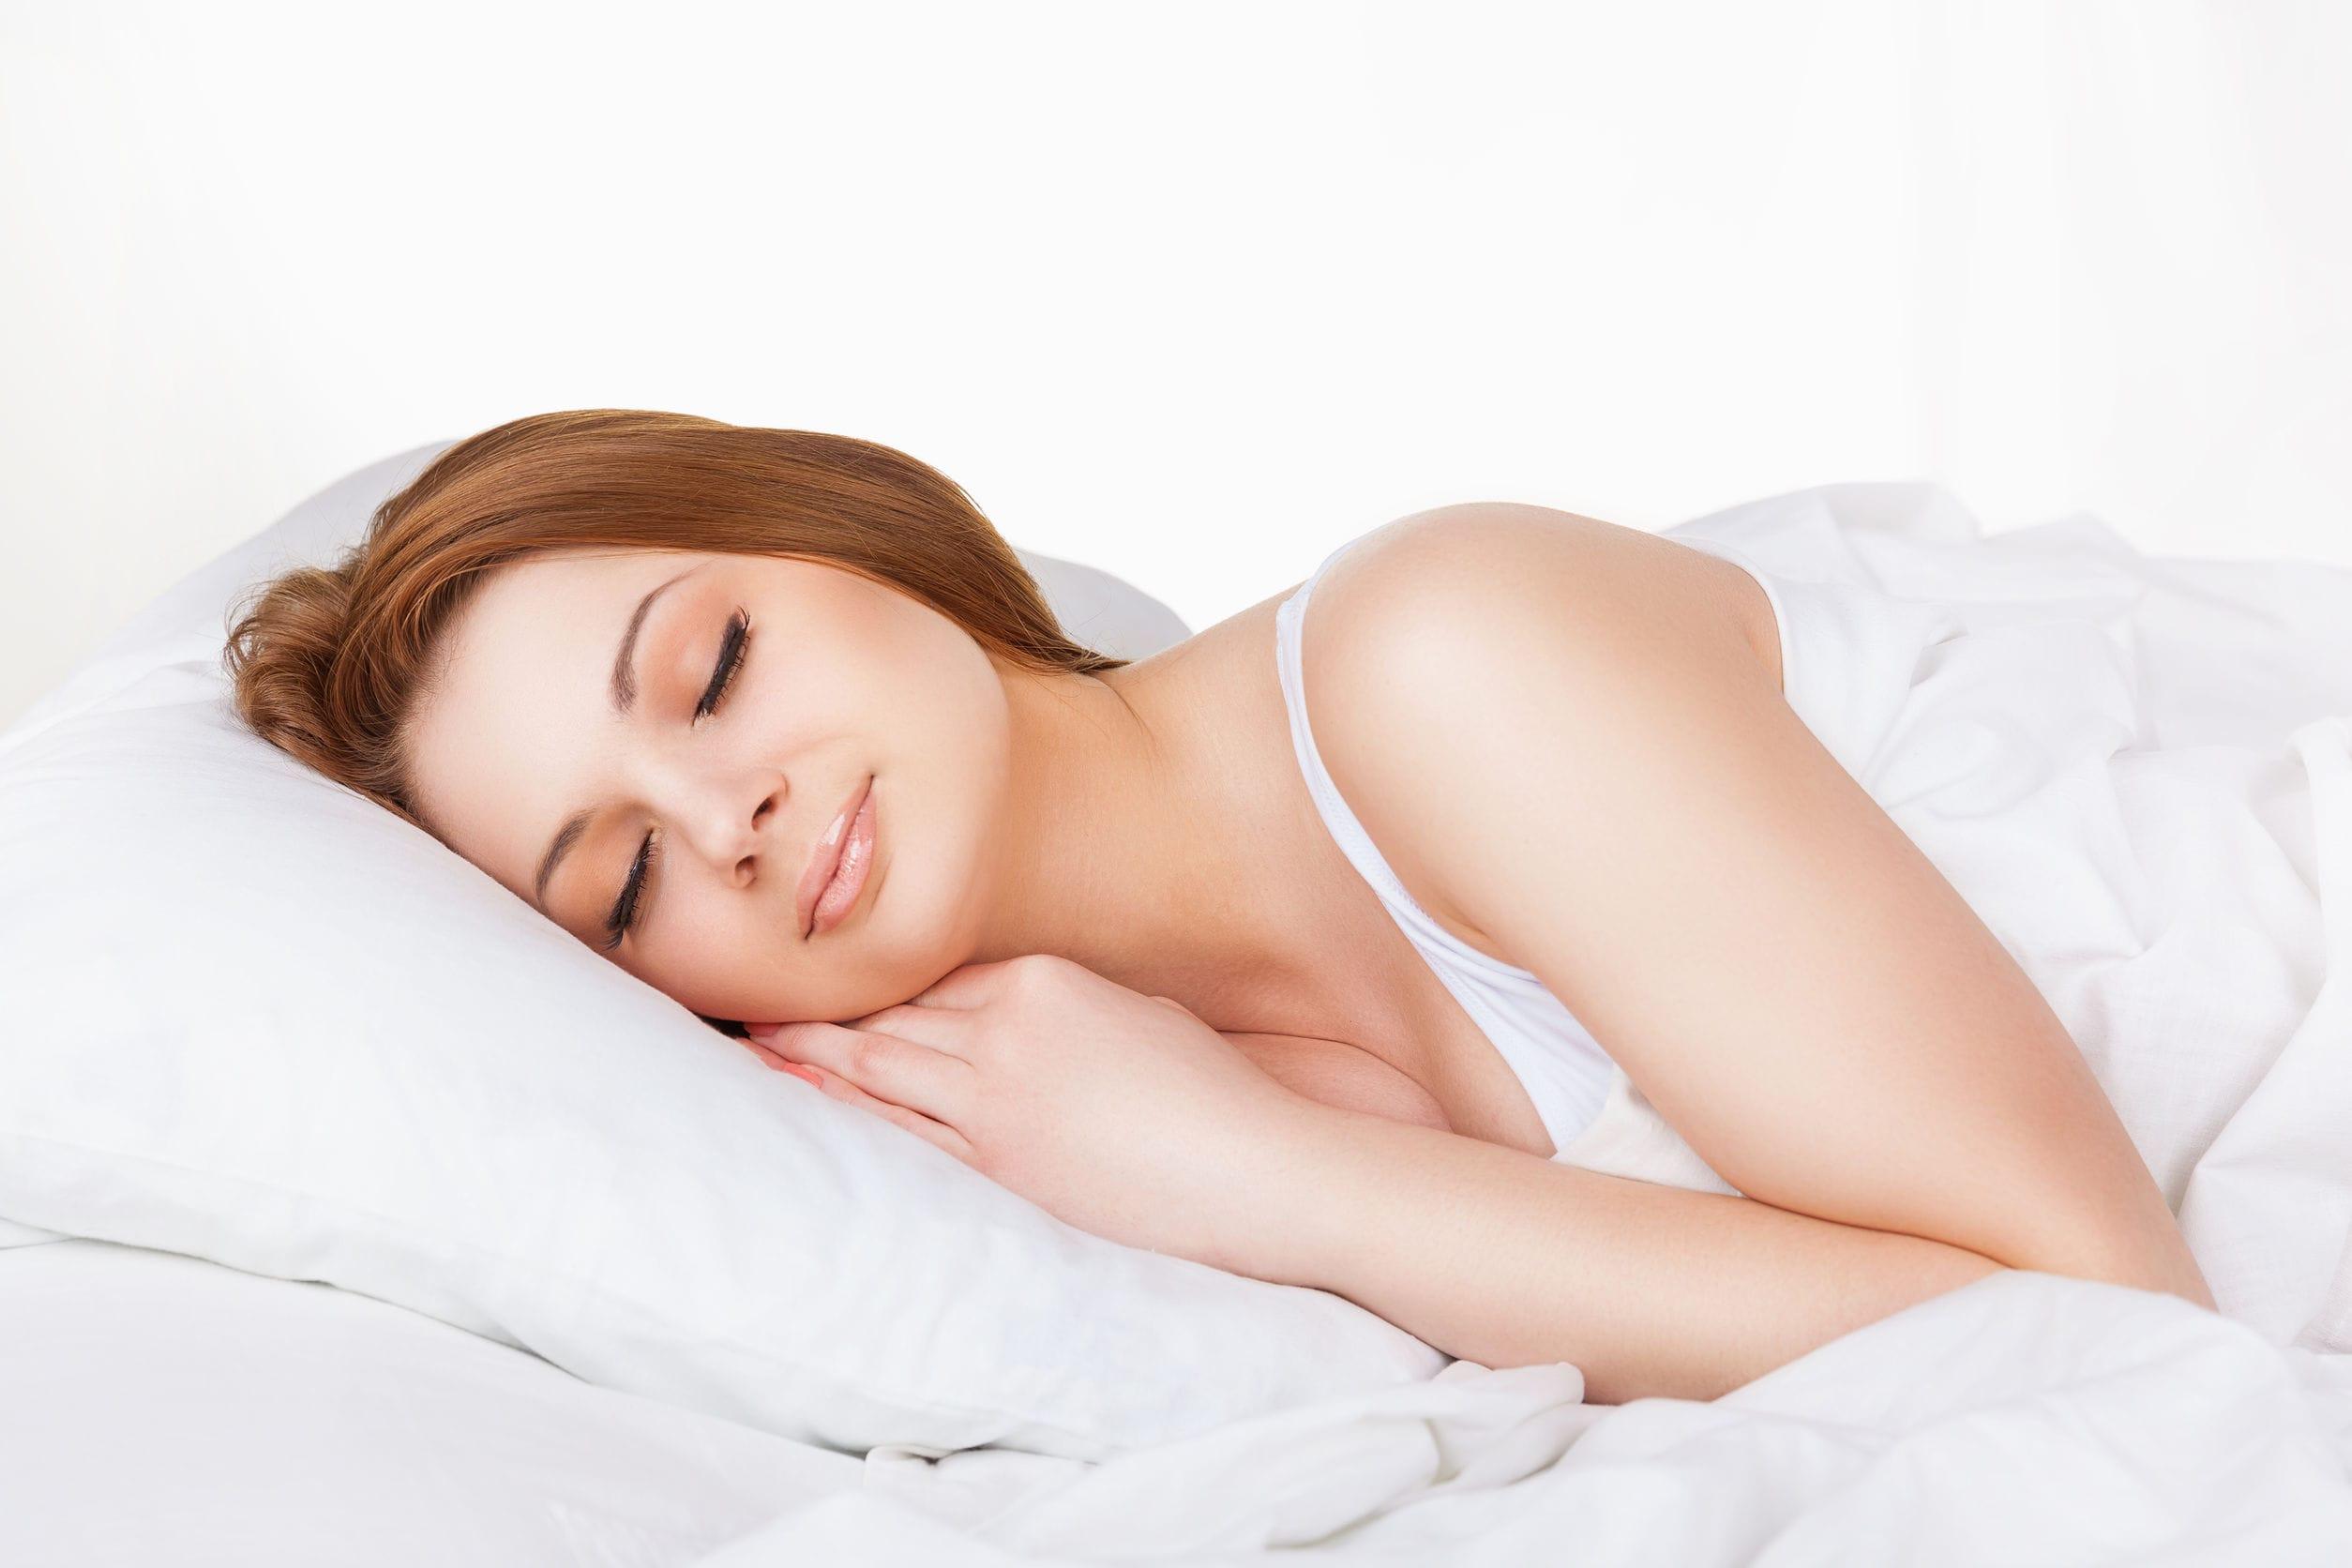 寝る前はちみつダイエット痩せる理由